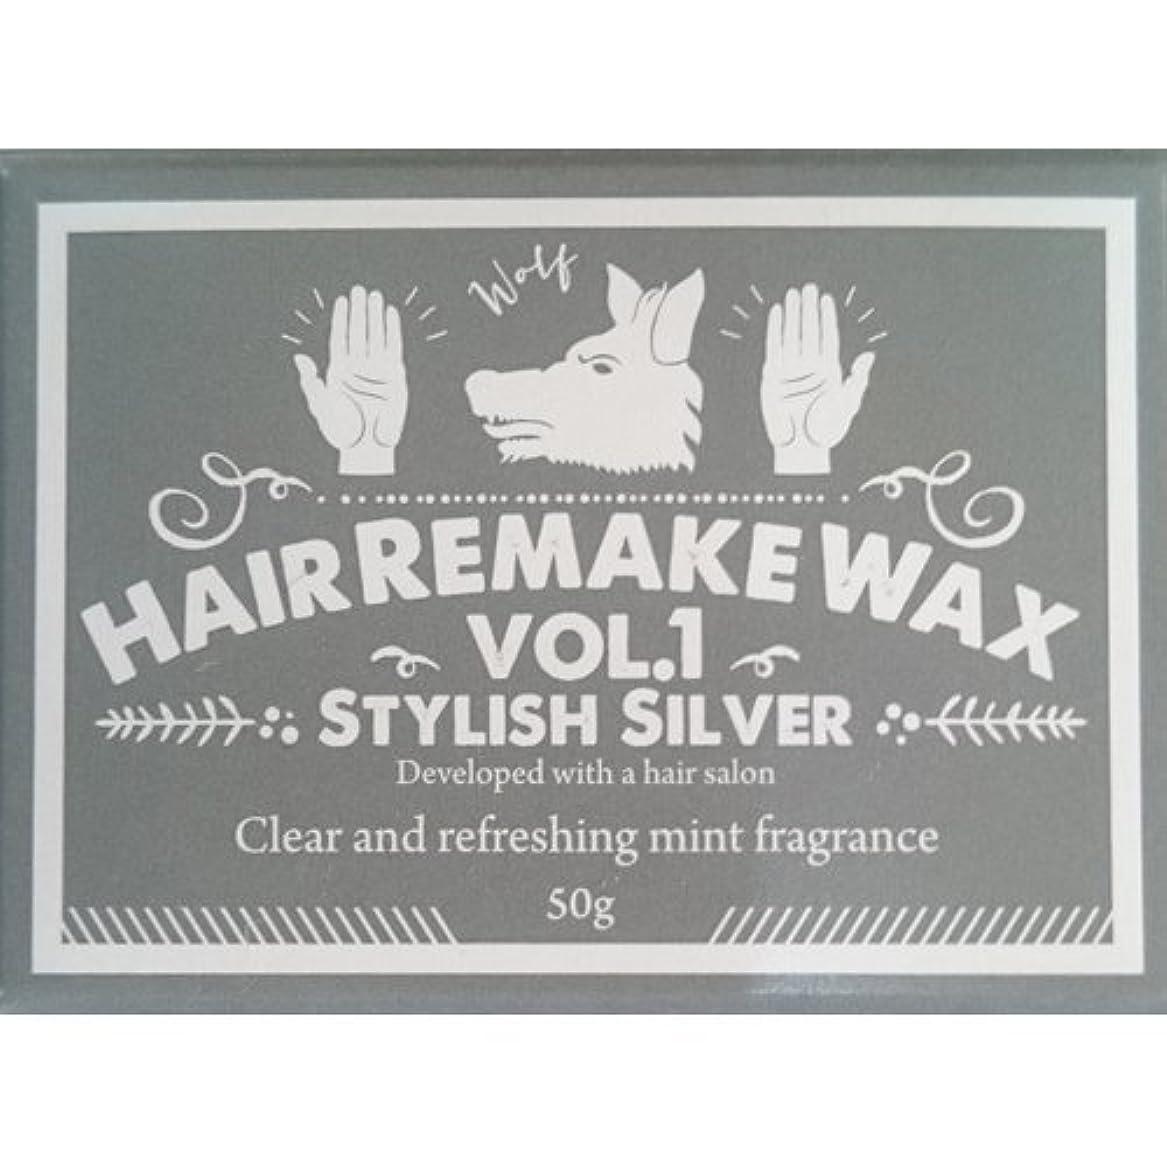 わずかに充電バースパーティー 変装 銀髪用 Hair Remake(ヘアーリメイクワックス)WAX Vol.1 スタイリッシュシルバー 50g